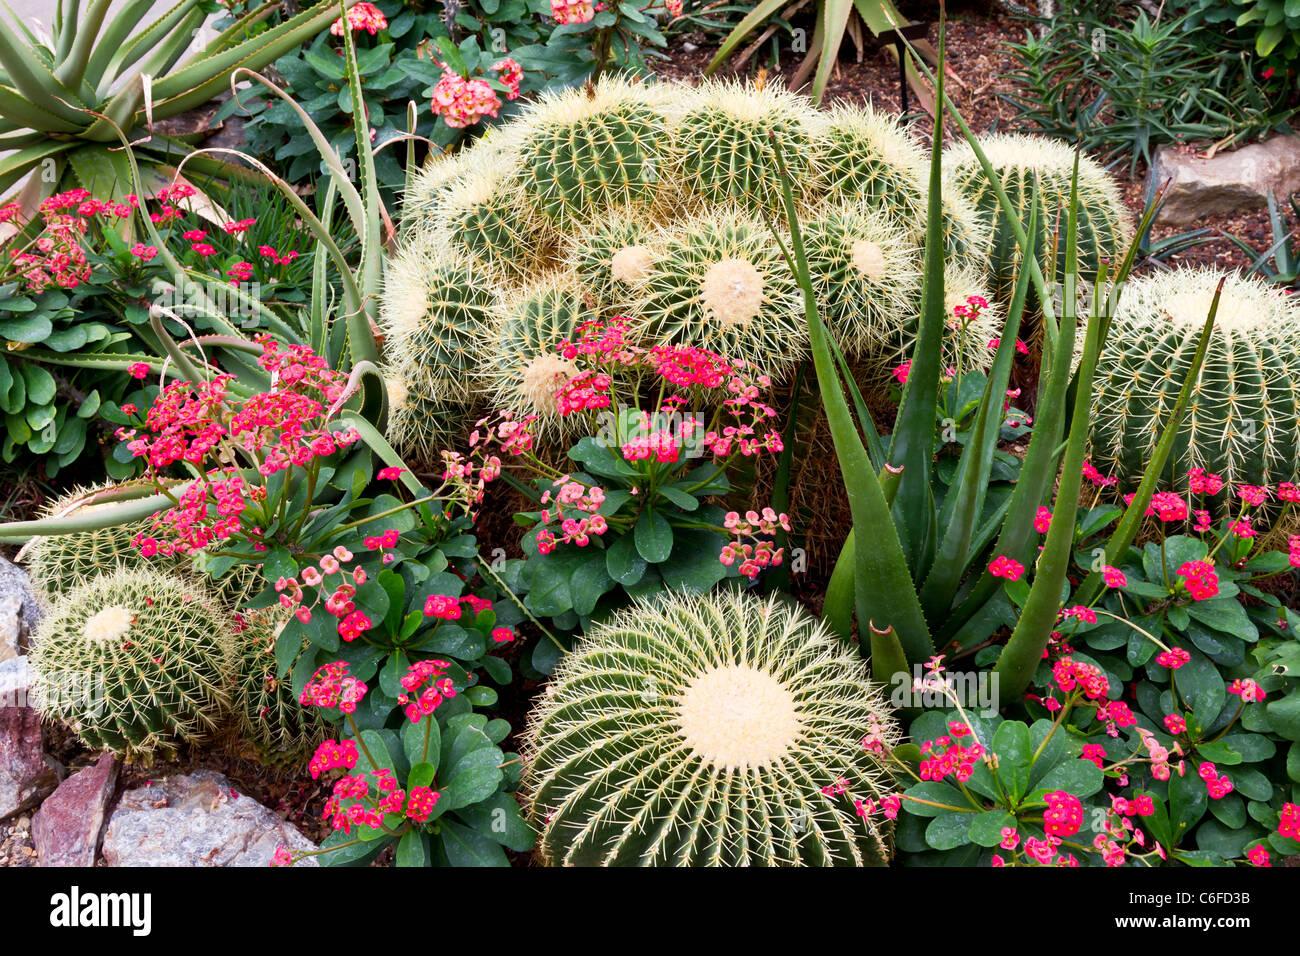 Cactus e piante succulente giardini in Chicago Giardini Botanici, Chicago, Illinois, Stati Uniti d'America. Immagini Stock